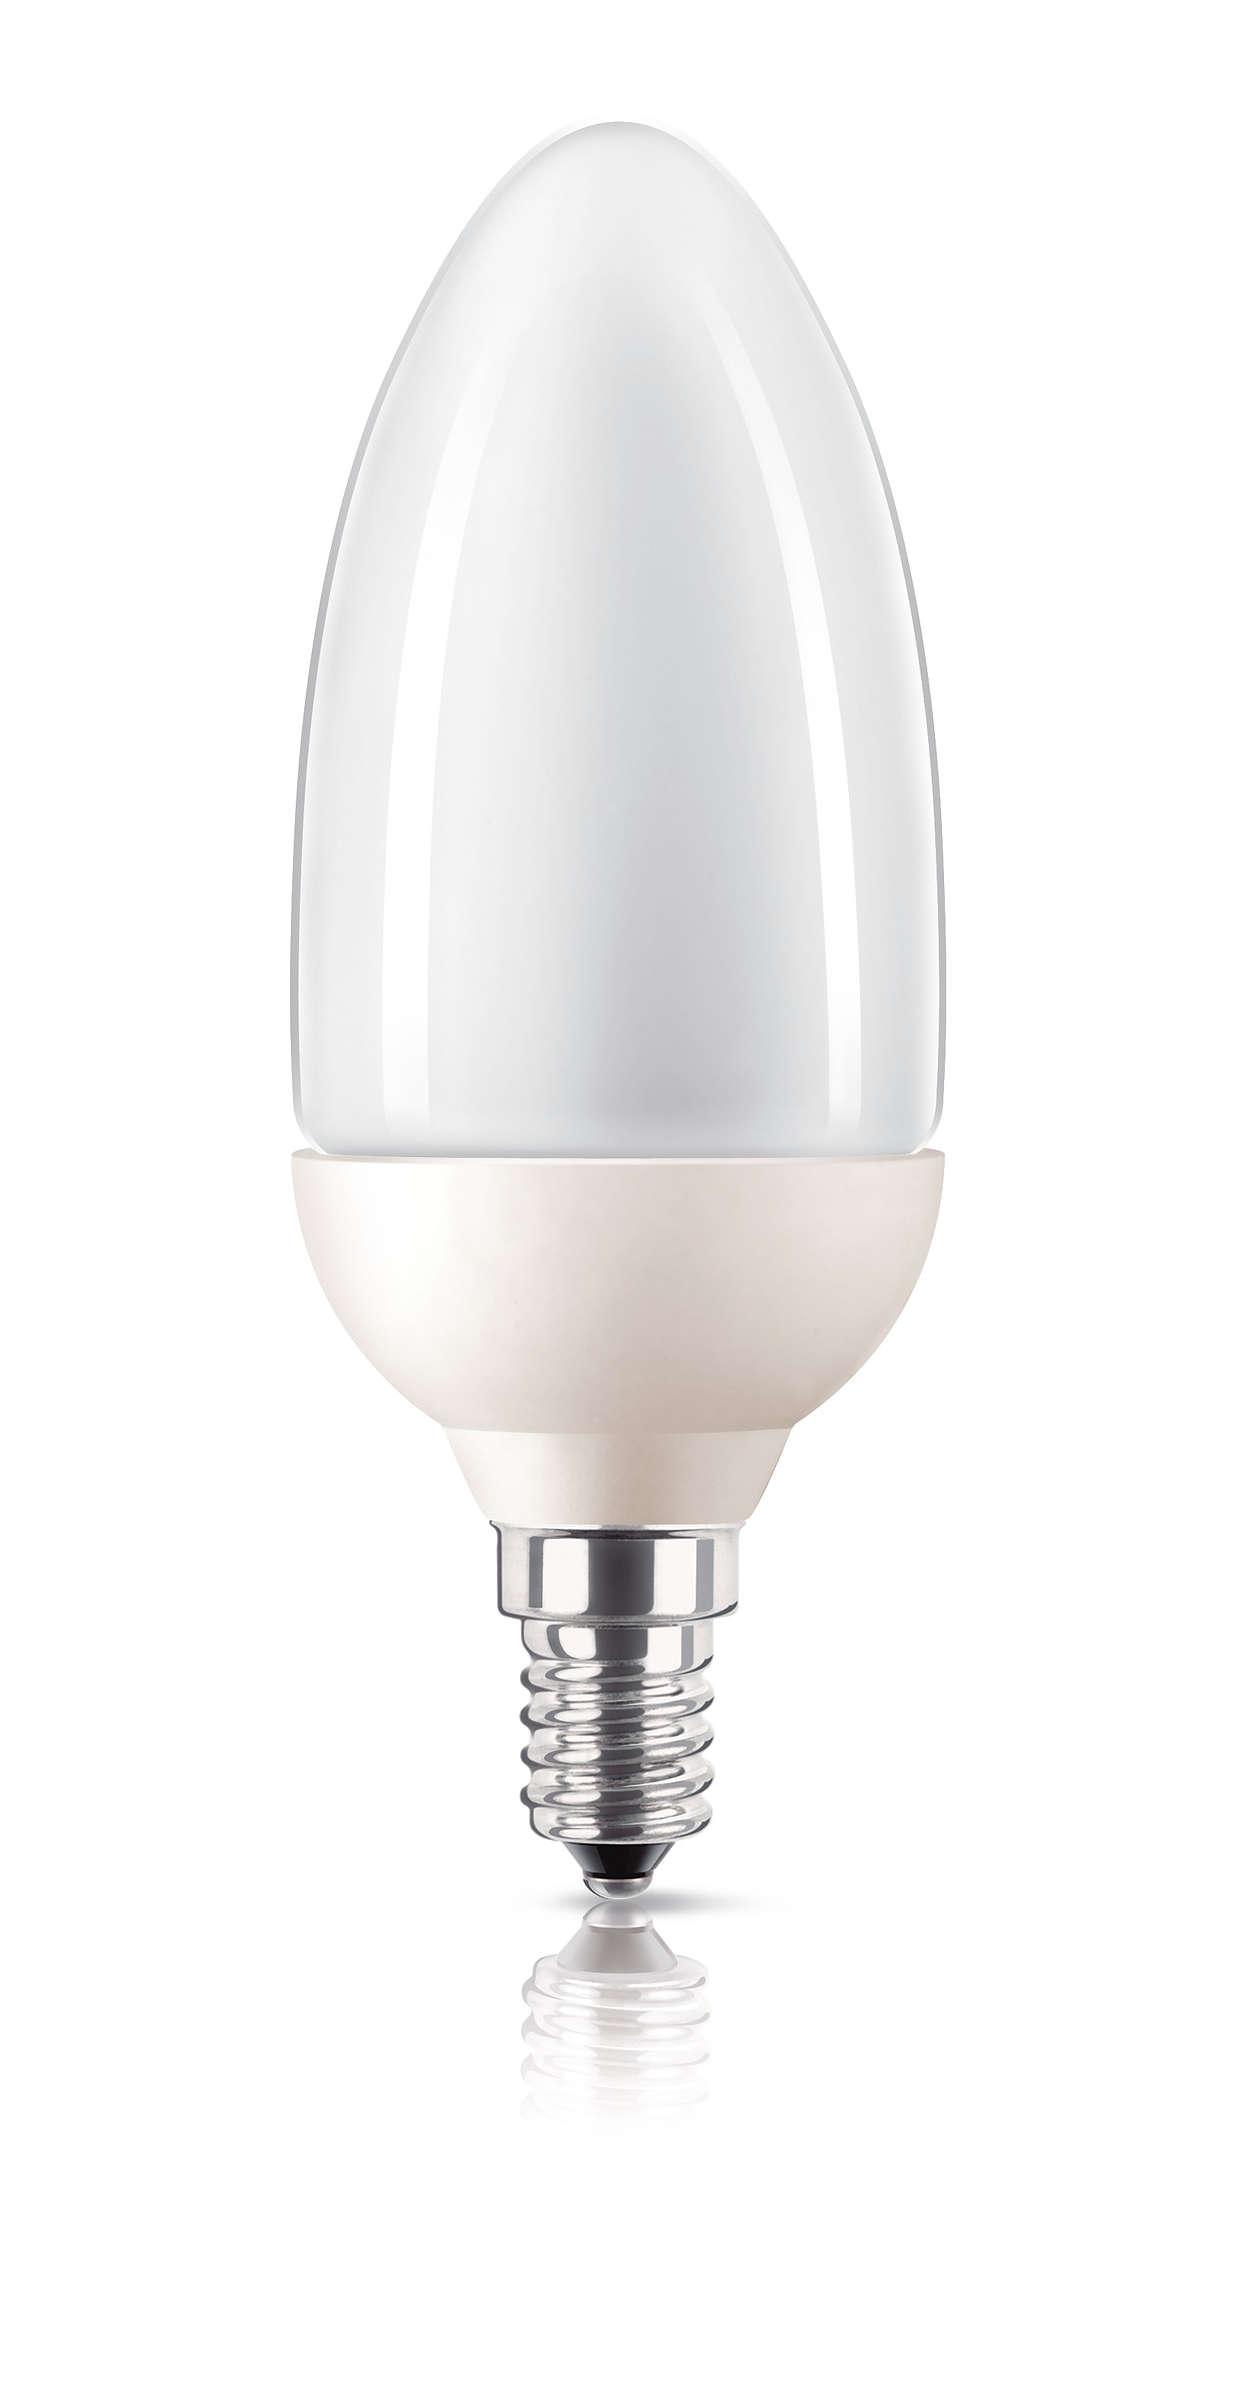 Lágy és otthonos energiatakarékos világítás